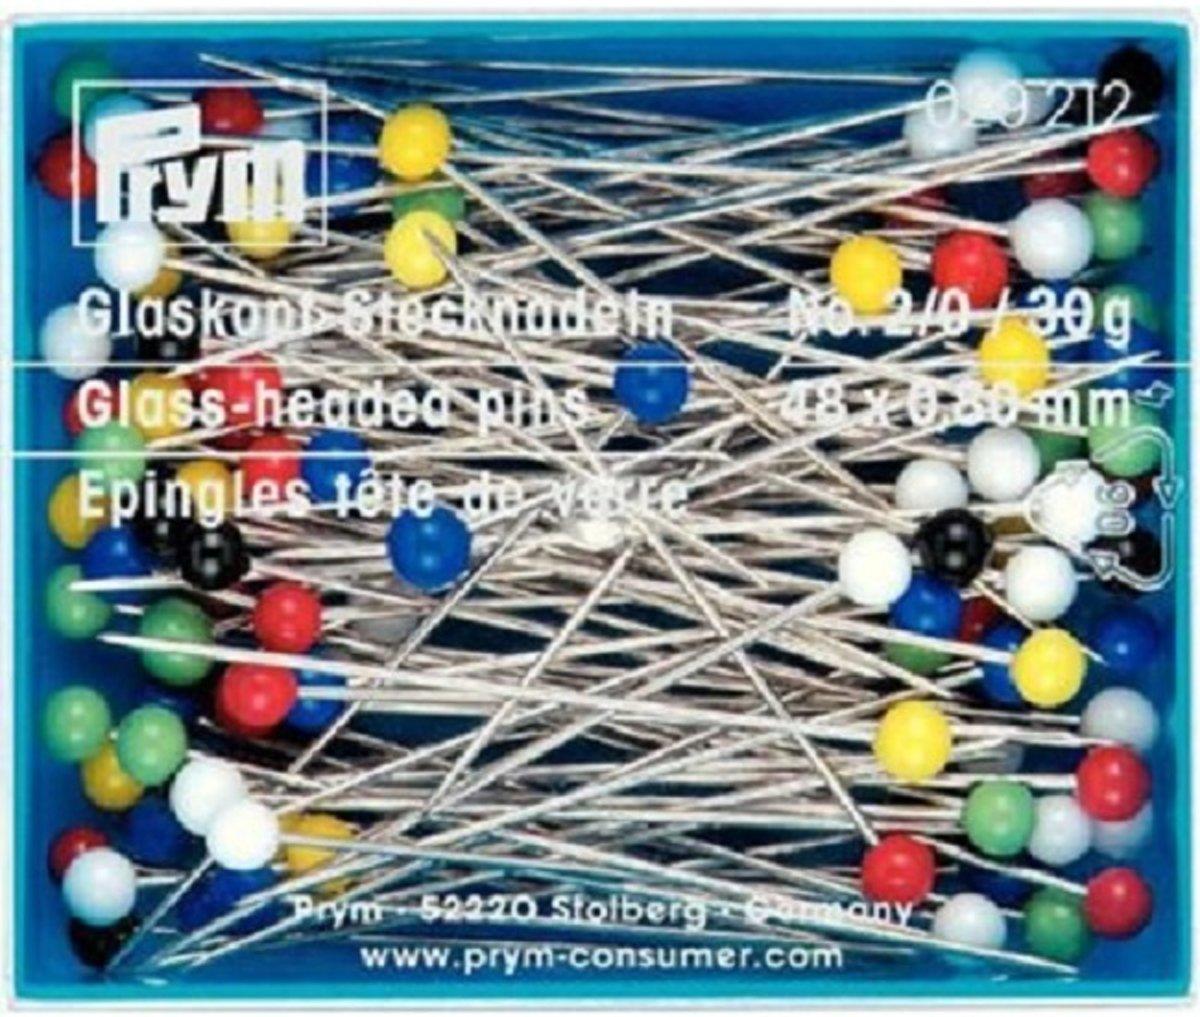 Prym Glaskopspelden groot 48 x 0,80 mm  No 2/0  30 gram kopen